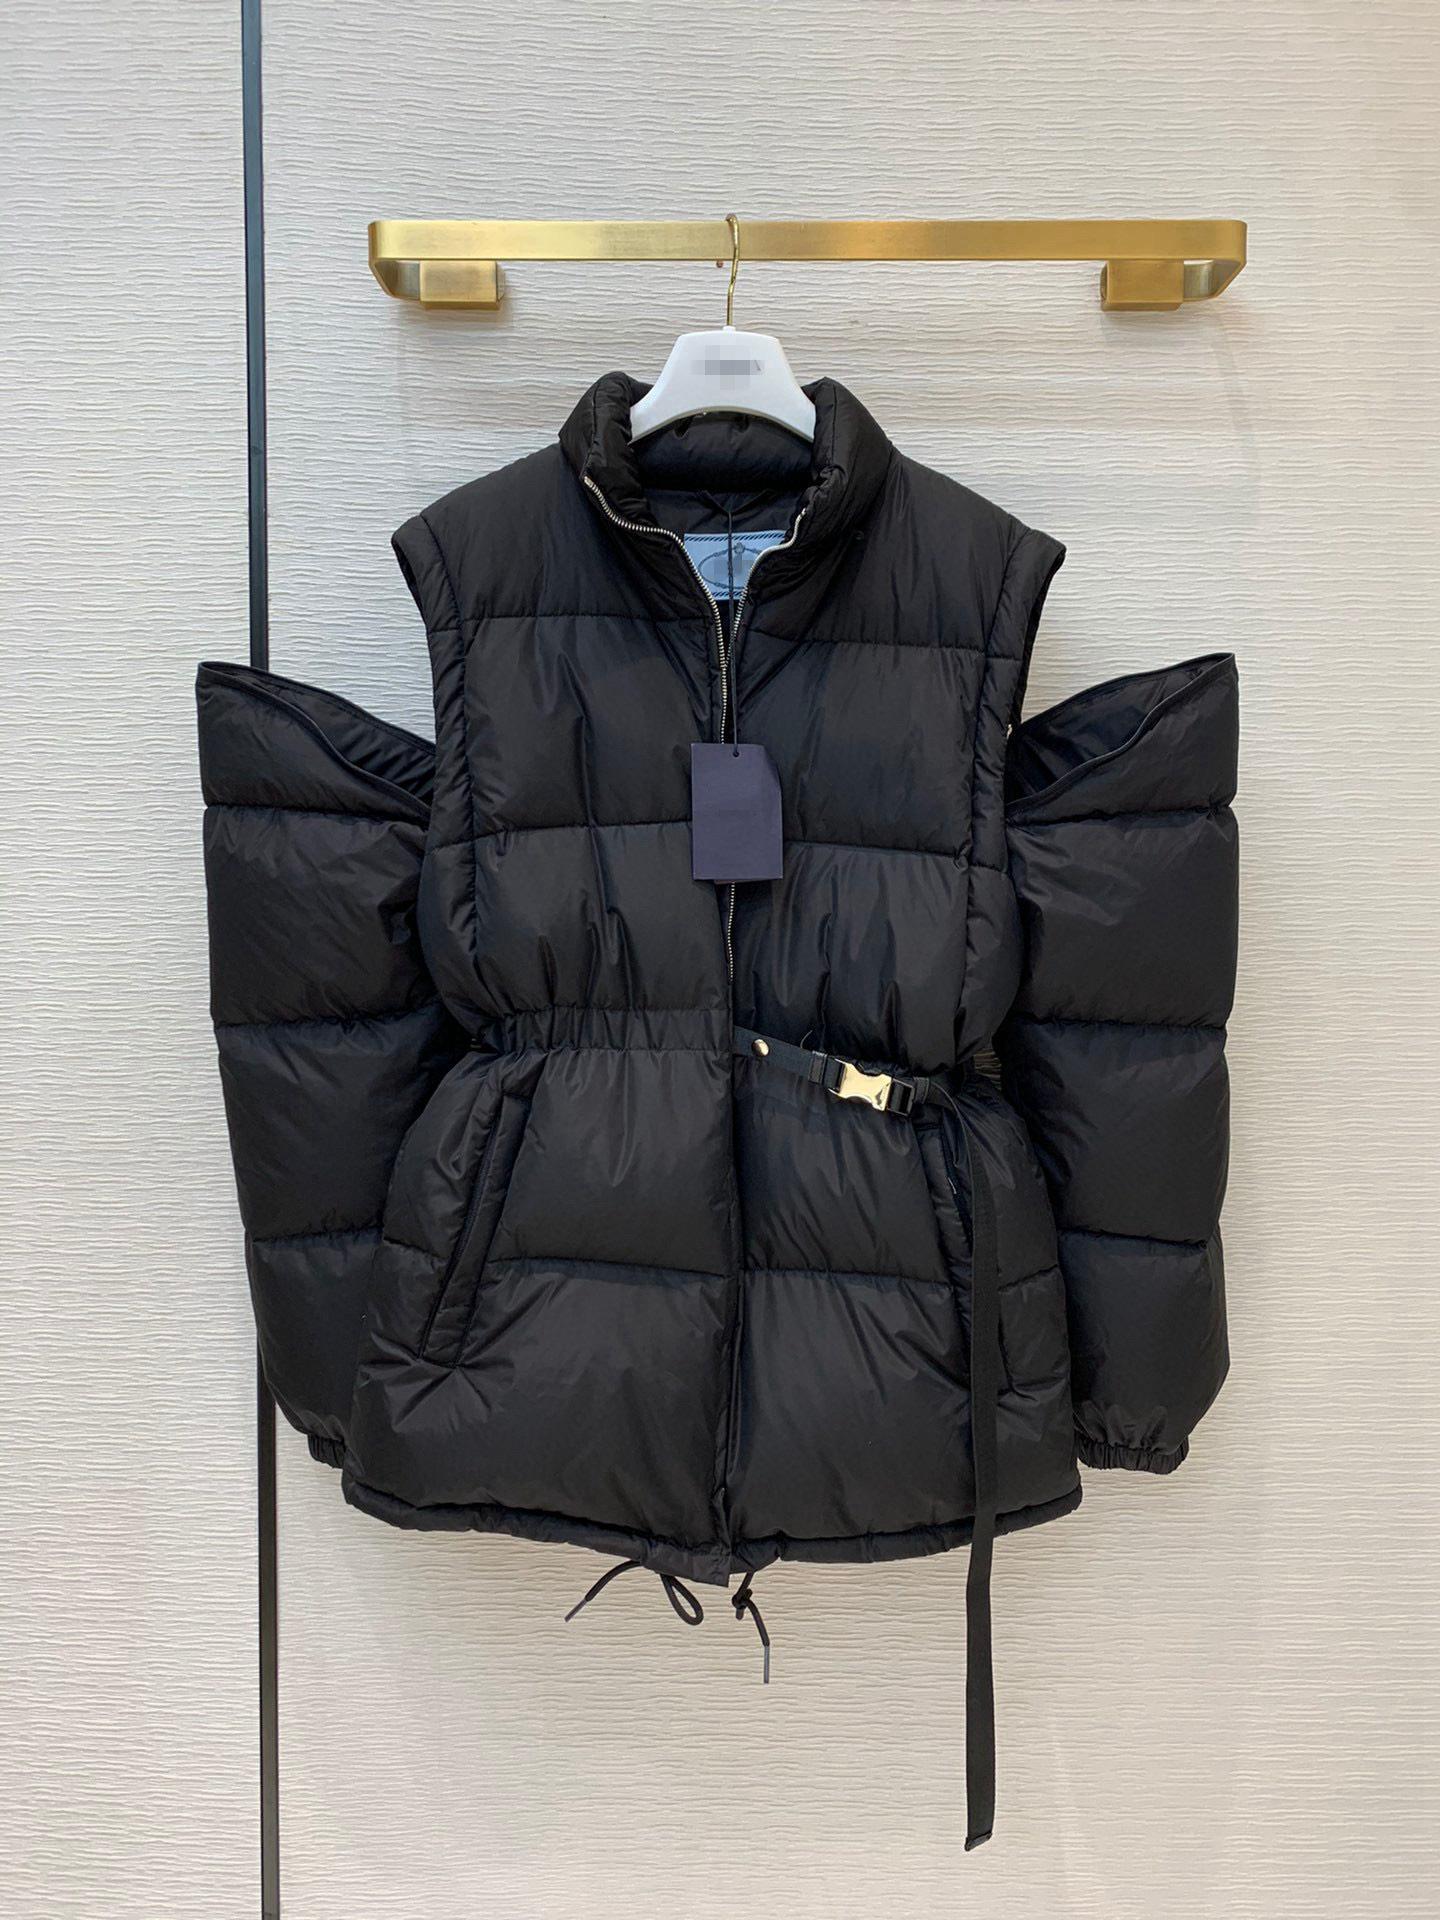 ile ceket aşağı 20FW kadın donu siyah orta boy bayanlar ayrılabilir kollu yelek yelek fermuar fazla aşınma ile ceket aşağı